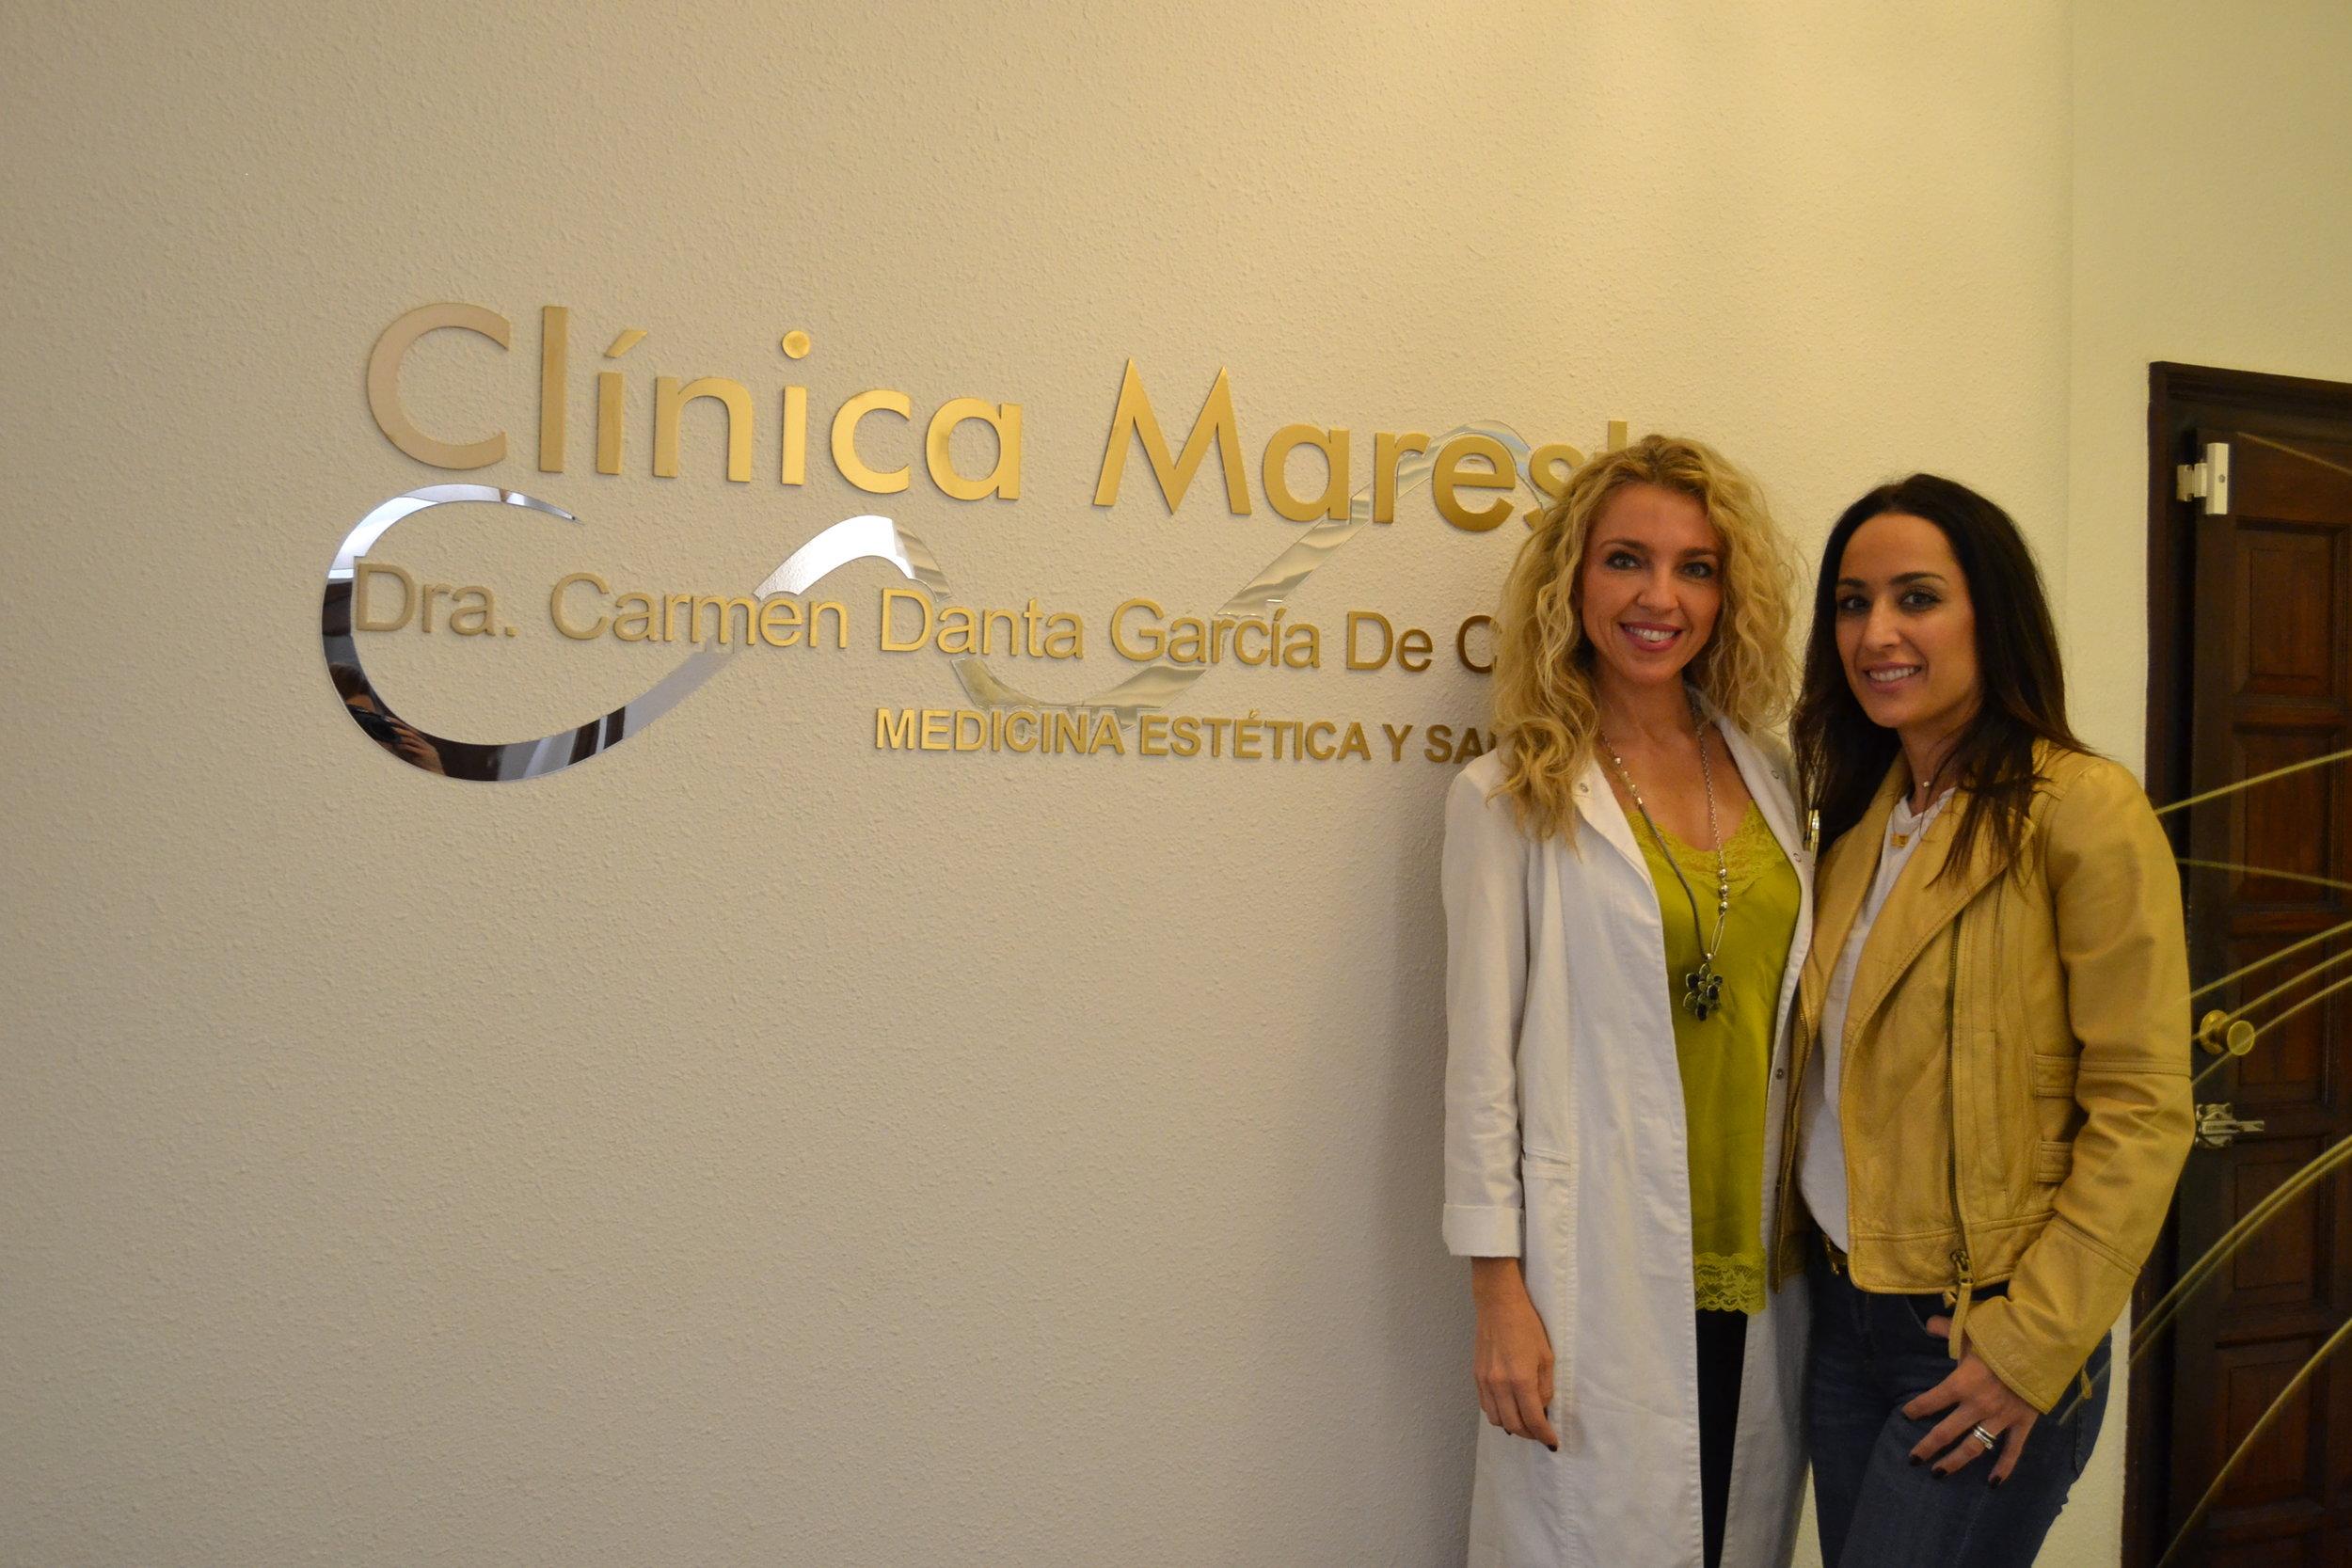 evento-clinica-marest-influencers (27).JPG